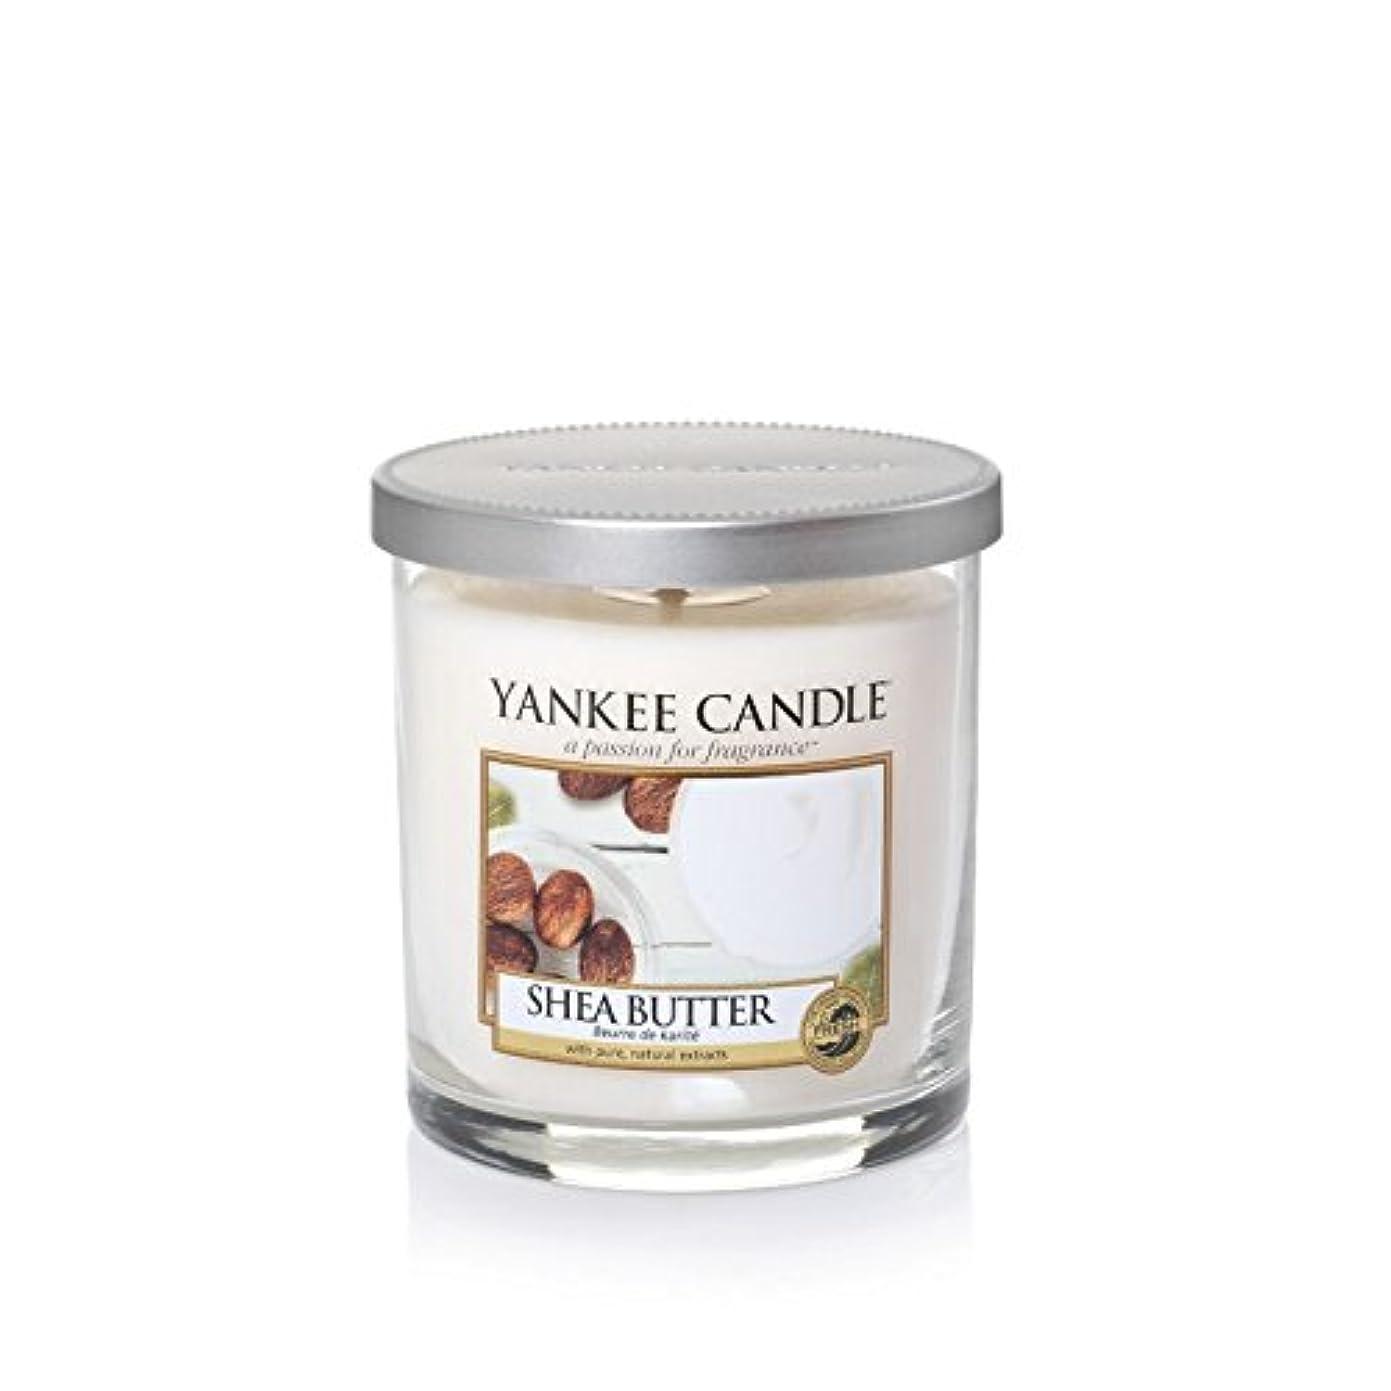 介入するギャングスターリルYankee Candles Small Pillar Candle - Shea Butter (Pack of 6) - ヤンキーキャンドルの小さな柱キャンドル - シアバター (x6) [並行輸入品]